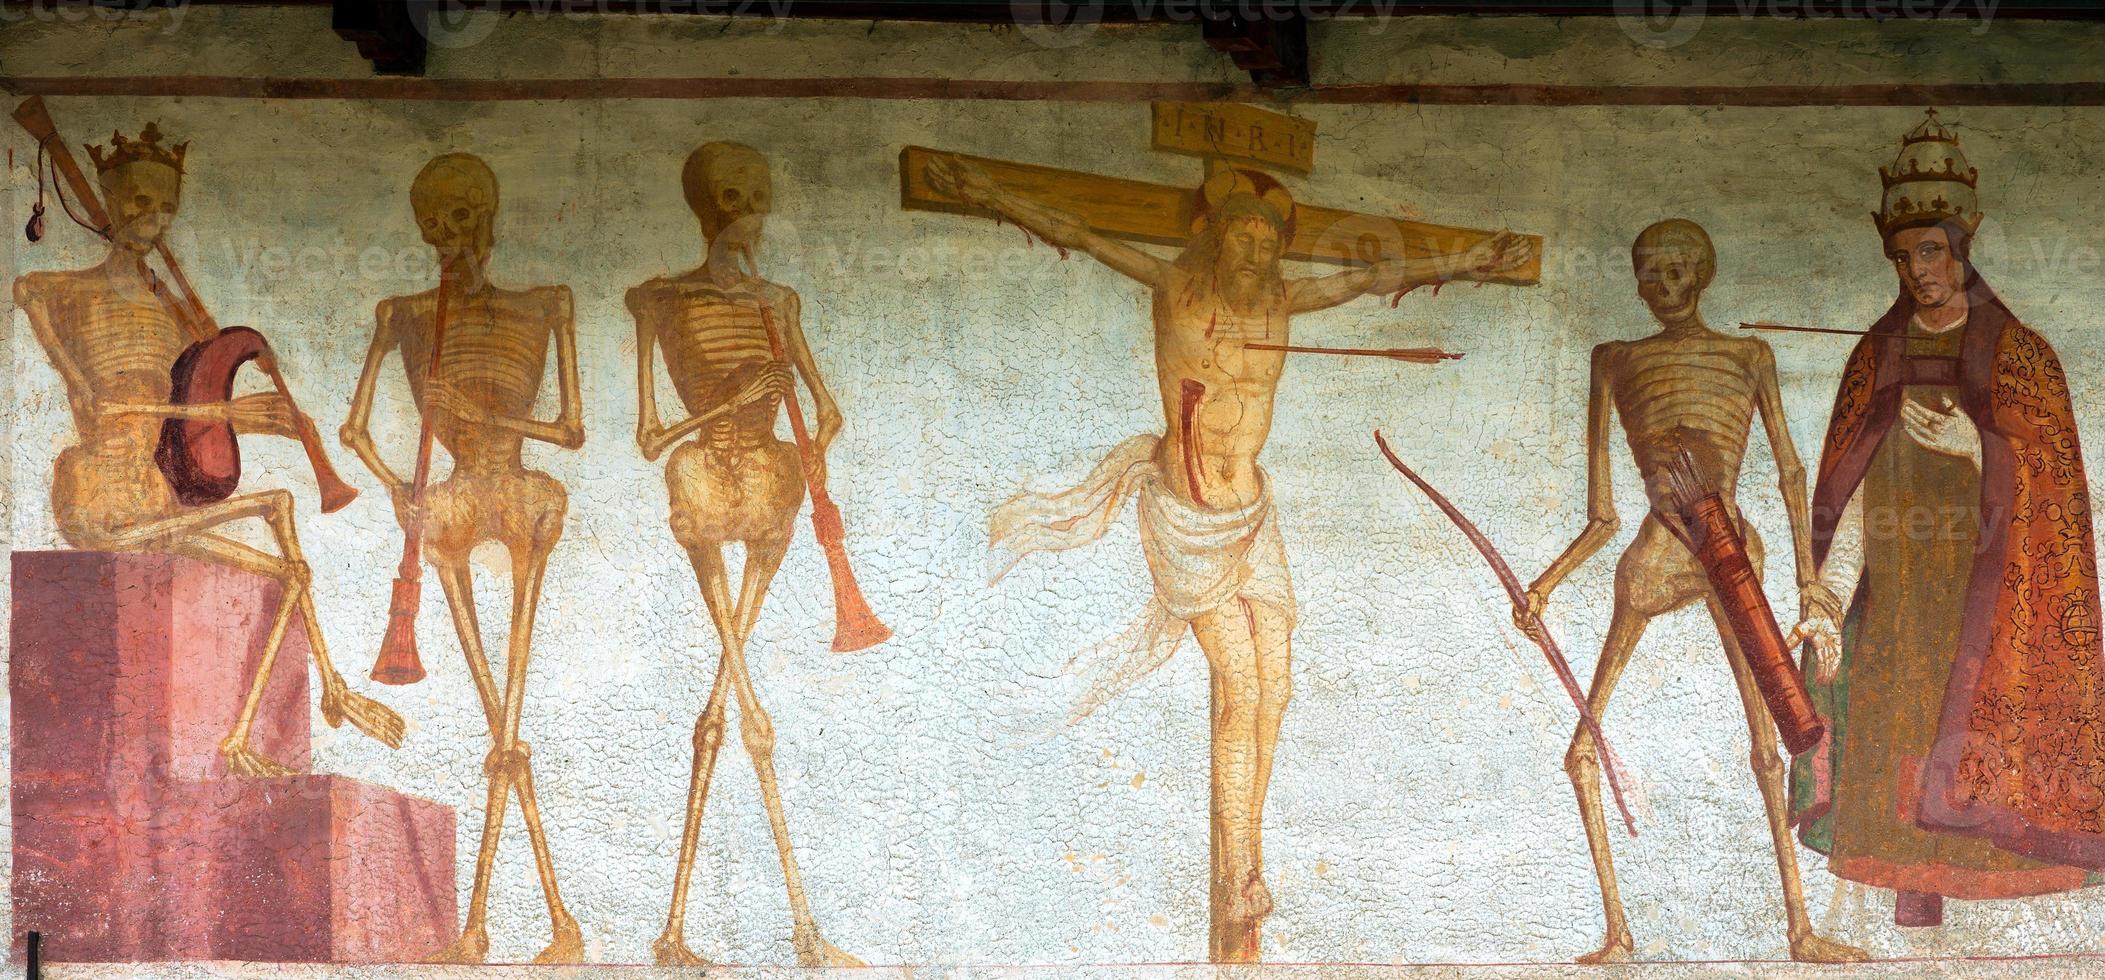 danza macabra al fresco - pinzolo trento italia foto